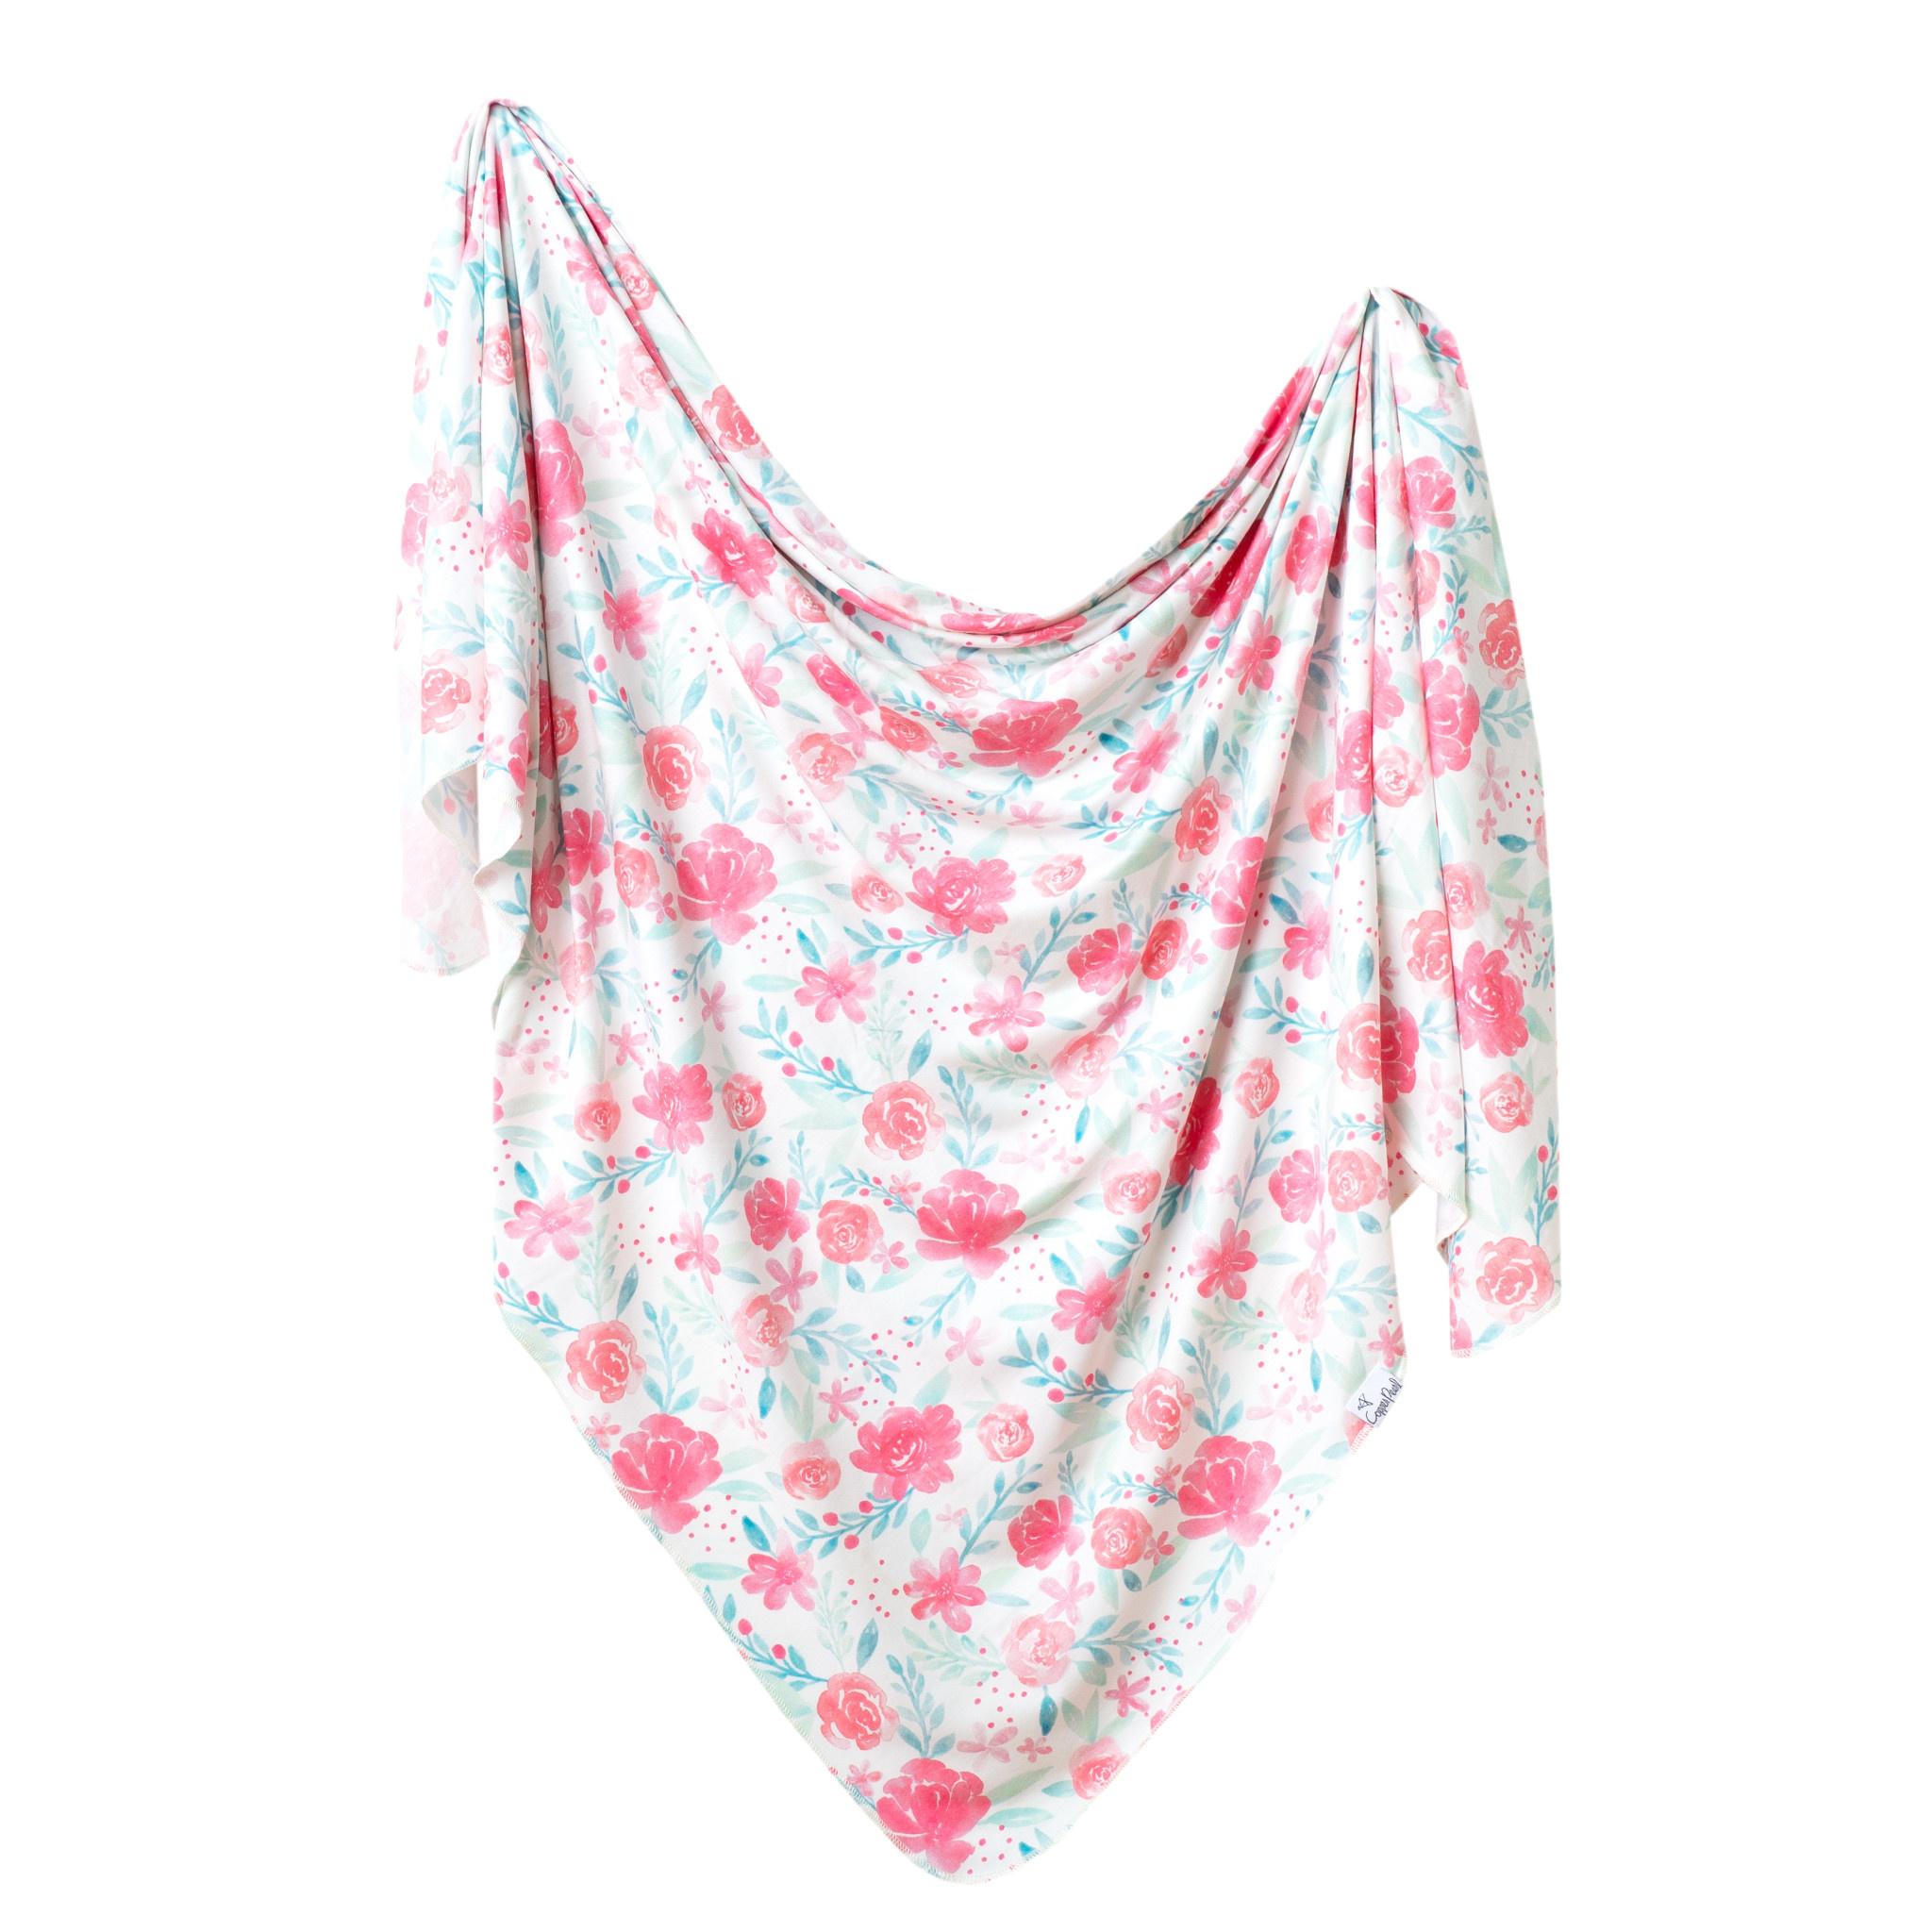 Knit Swaddle Blanket - June